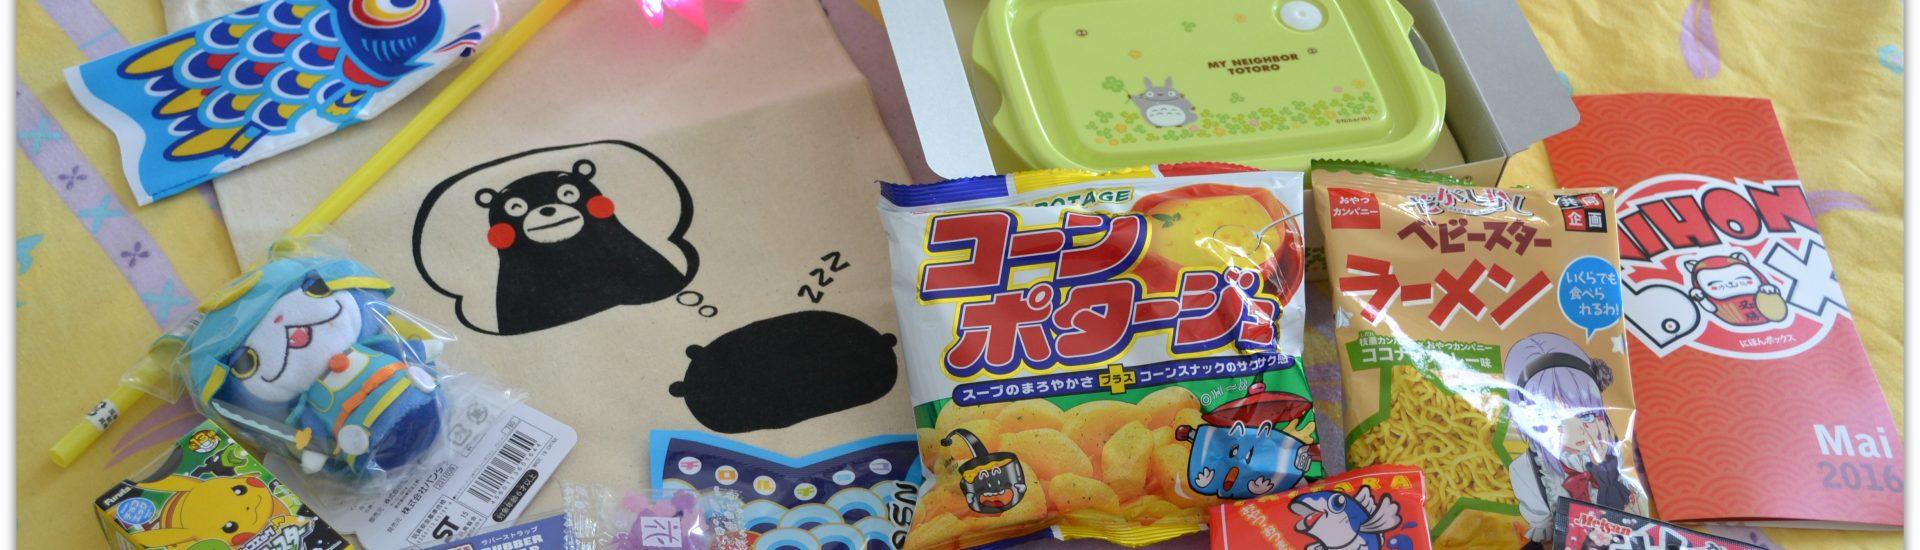 Nihonbox de mai